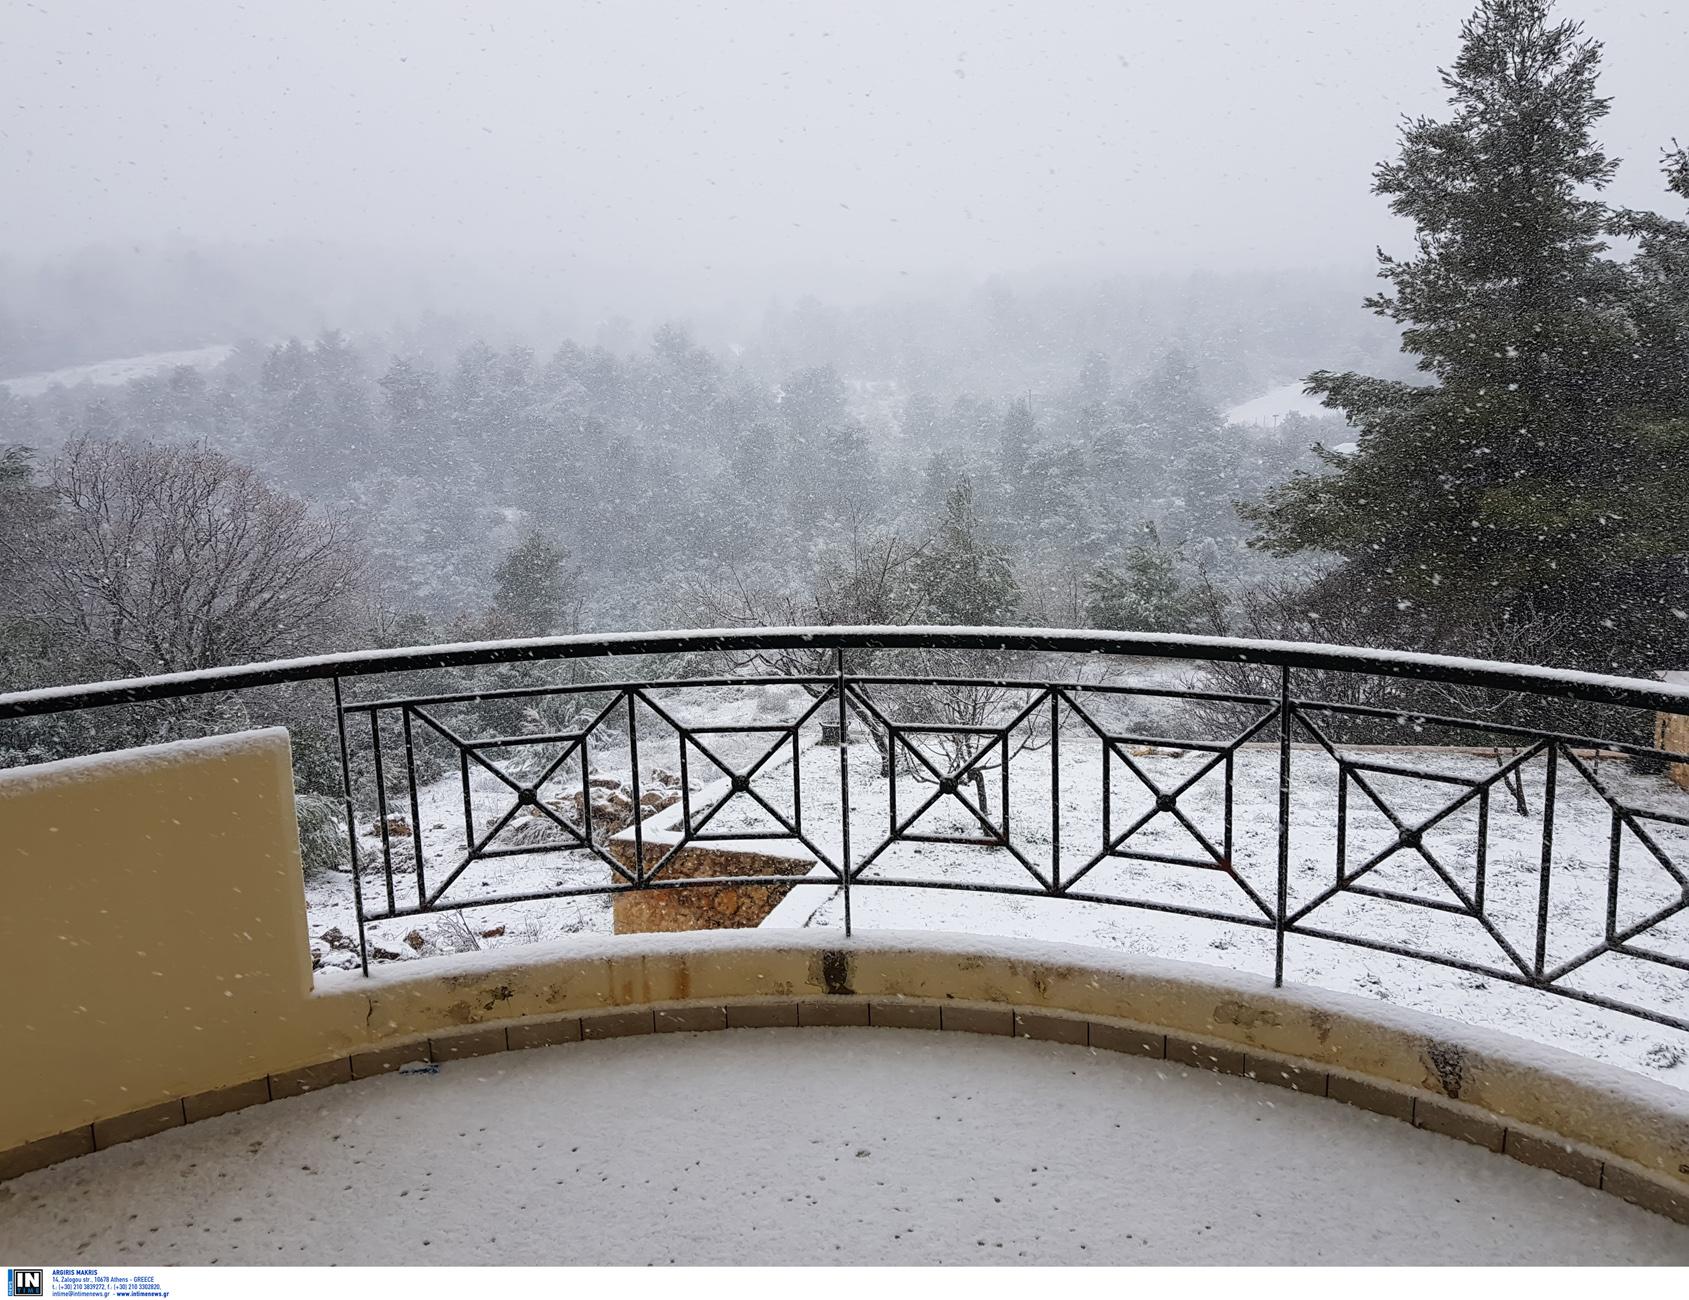 Καιρός – κακοκαιρία Λέανδρος: Ξεκινά η ψυχρή εισβολή, που θα χιονίσει